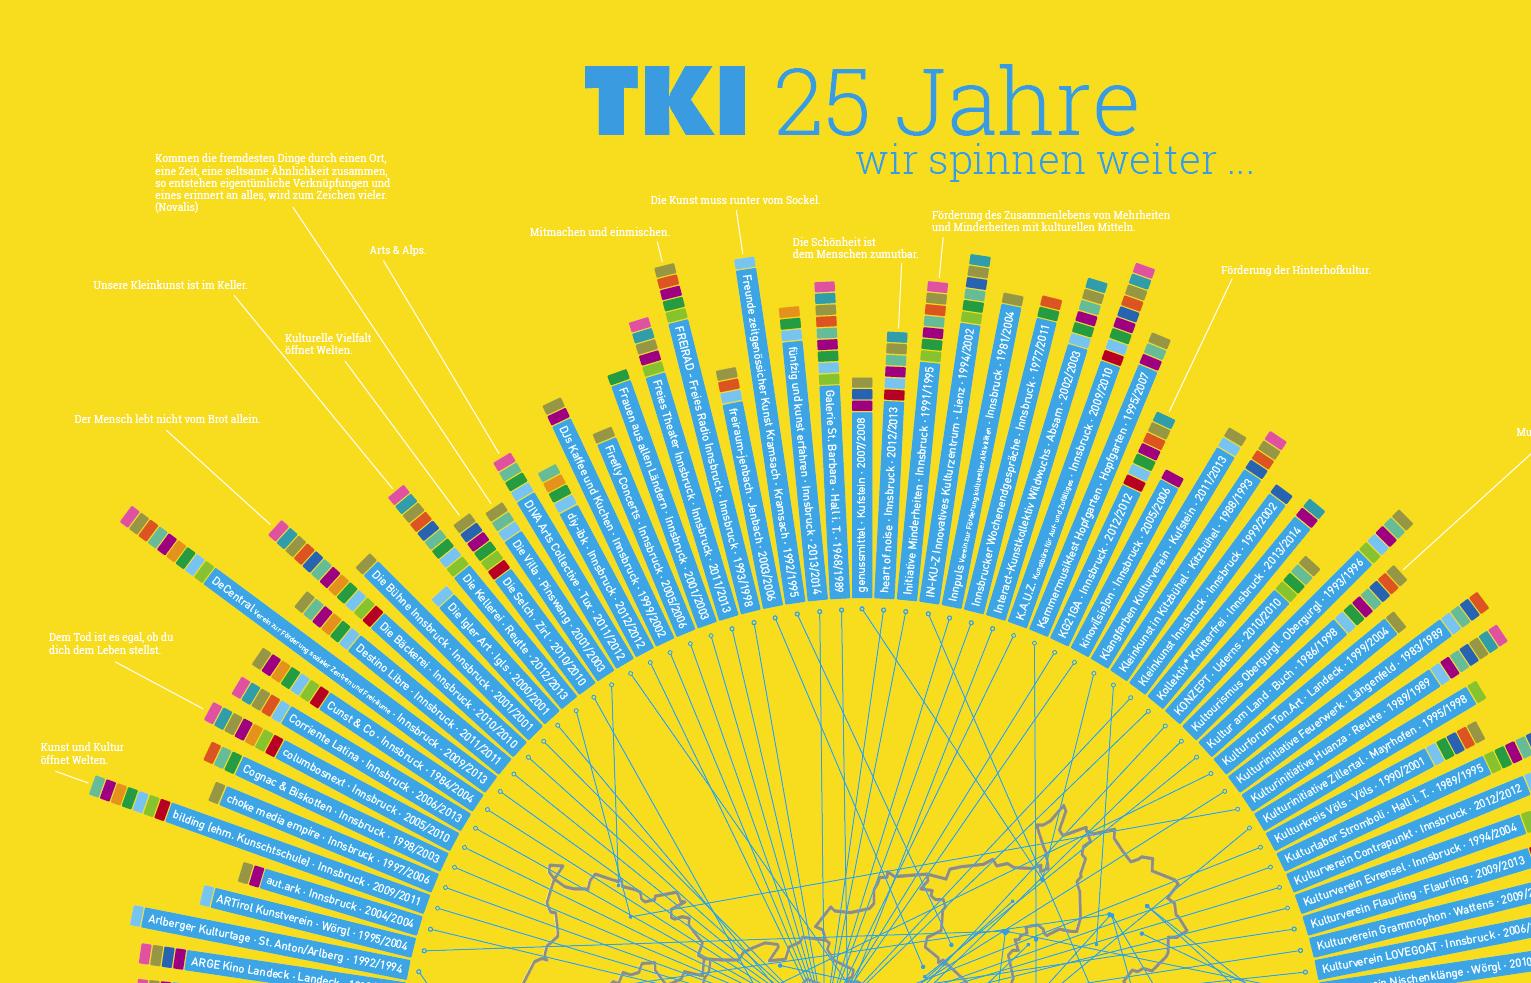 TKI – Tiroler Kulturinitiativen / IG Kultur Tirol